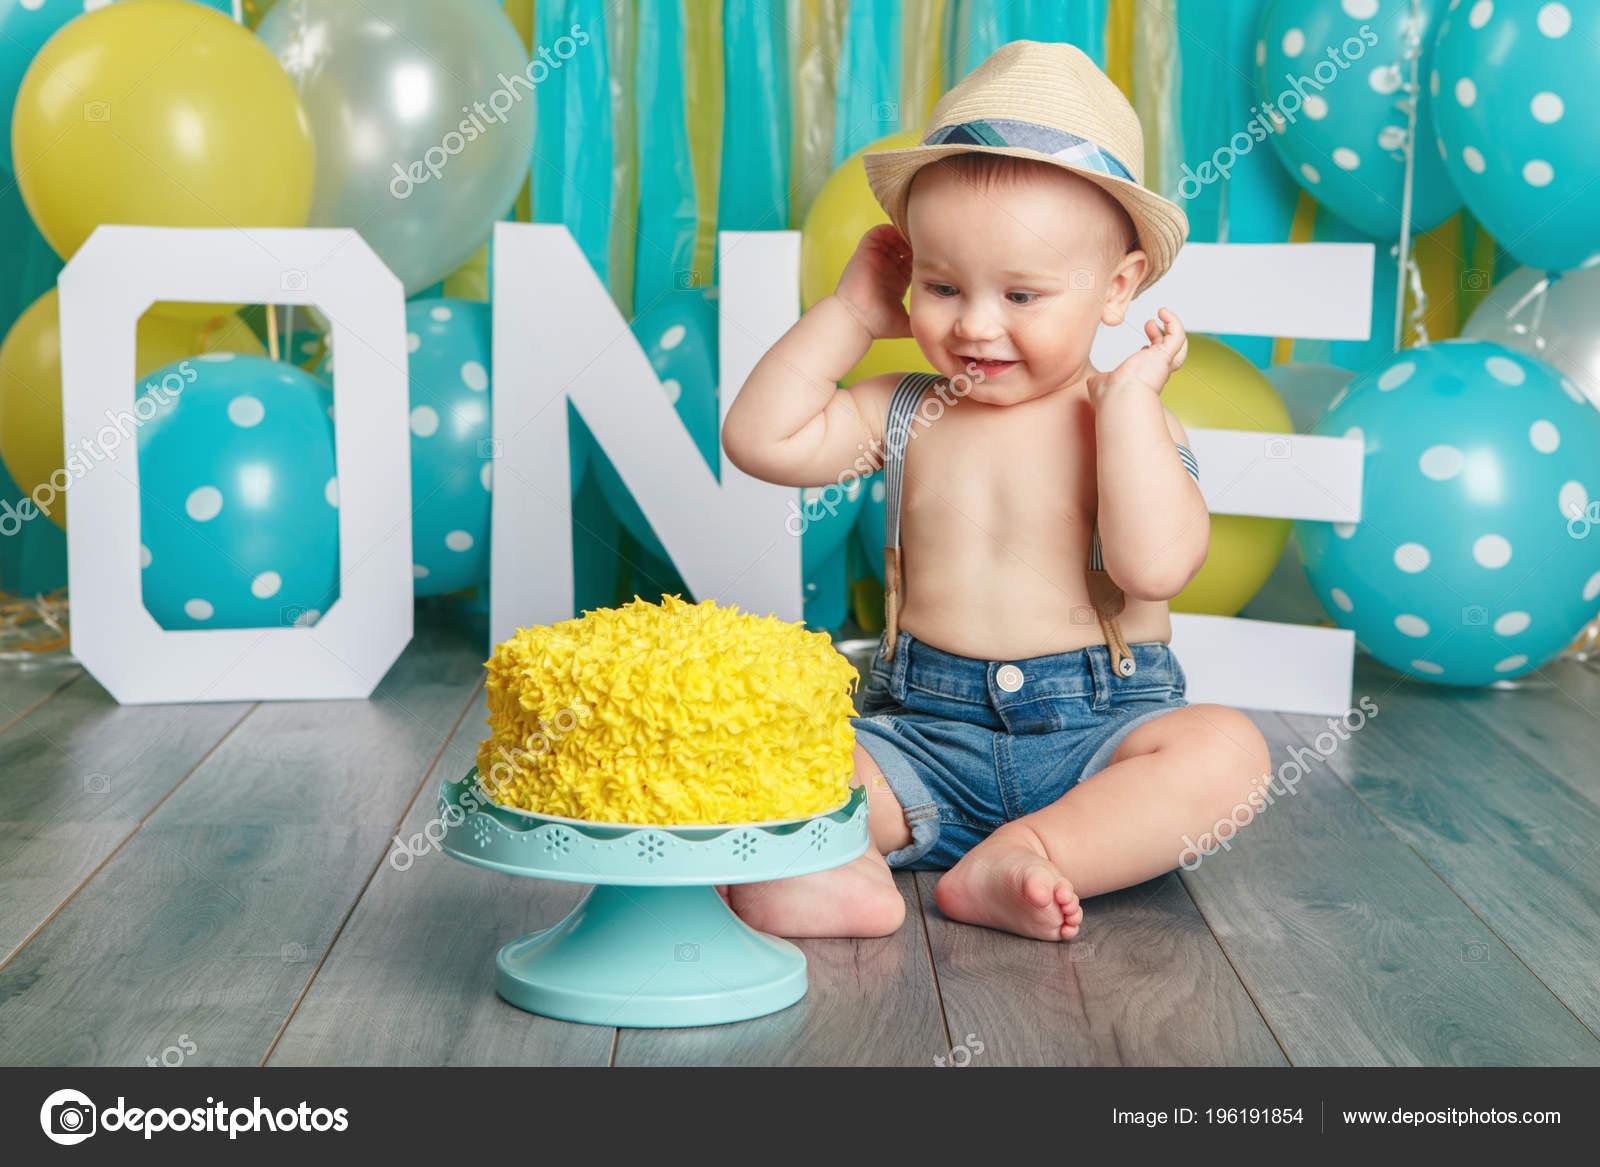 Ragazzino che si siede sul pavimento in studio mangiare gustoso dessert  giallo– immagine stock. Ritratto Adorabile Caucasica Neonato Sveglio  Indossando ... b7b7a0475481